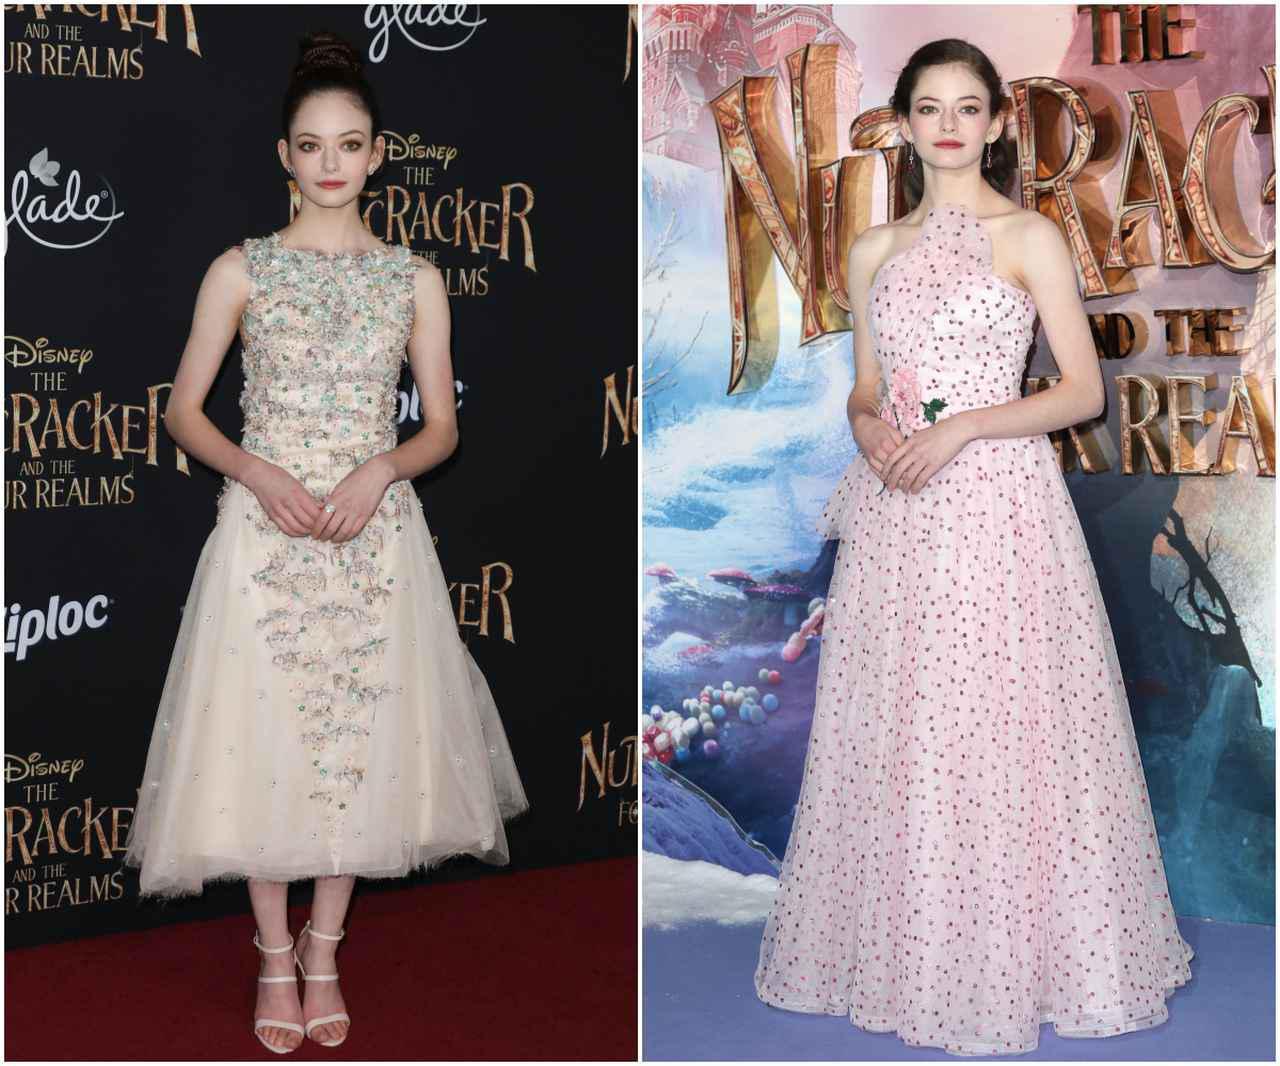 画像: 映画『くるみ割り人形と秘密の王国』のUSプレミアではシャネル(左)、ヨーロッパプレミアではロダルテ(右)のドレスを着用した。